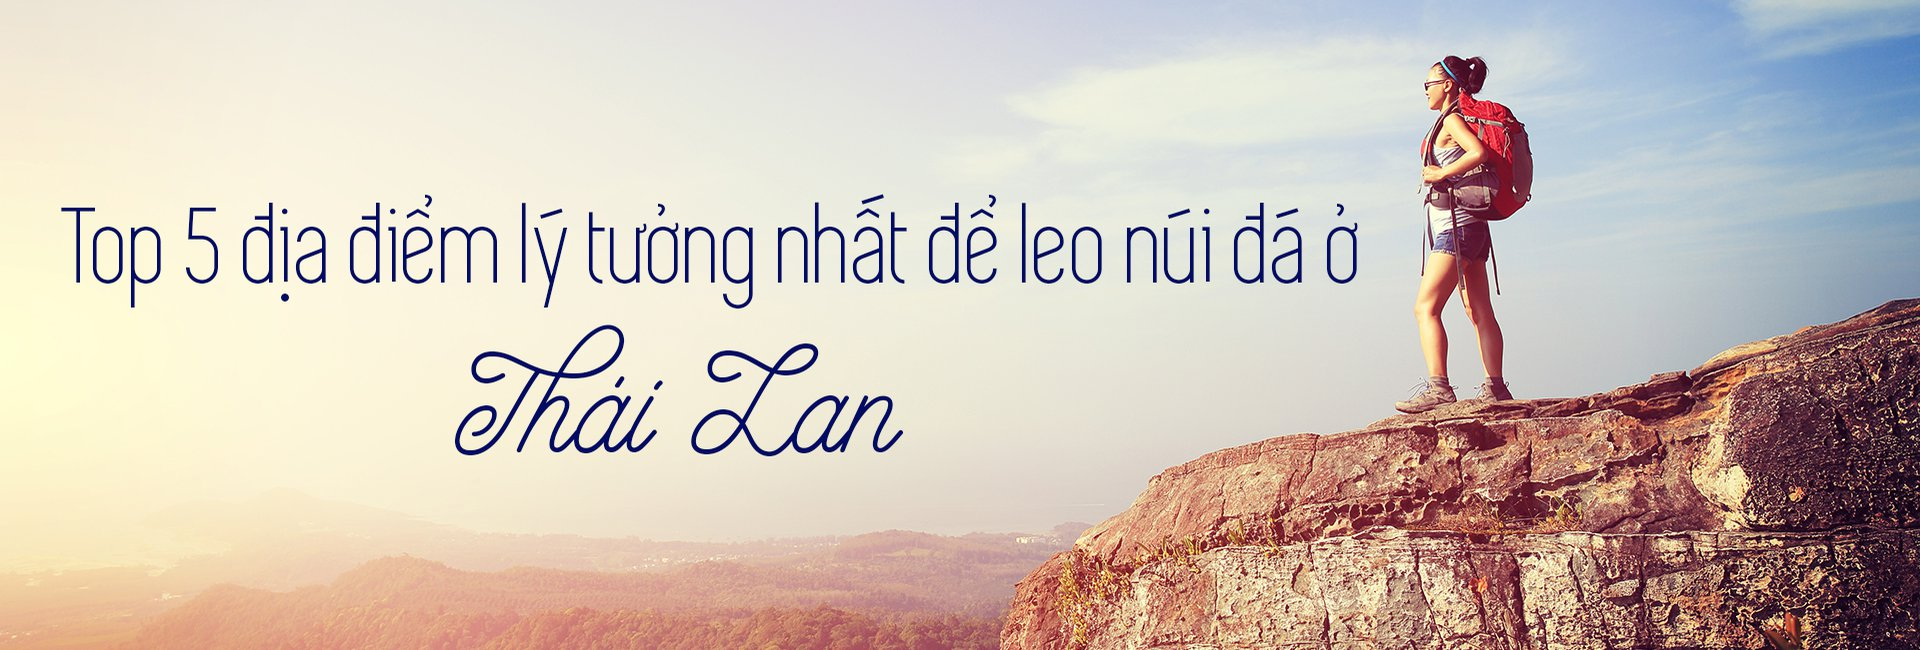 Top 5 địa điểm lý tưởng nhất để leo núi ở Thái Lan